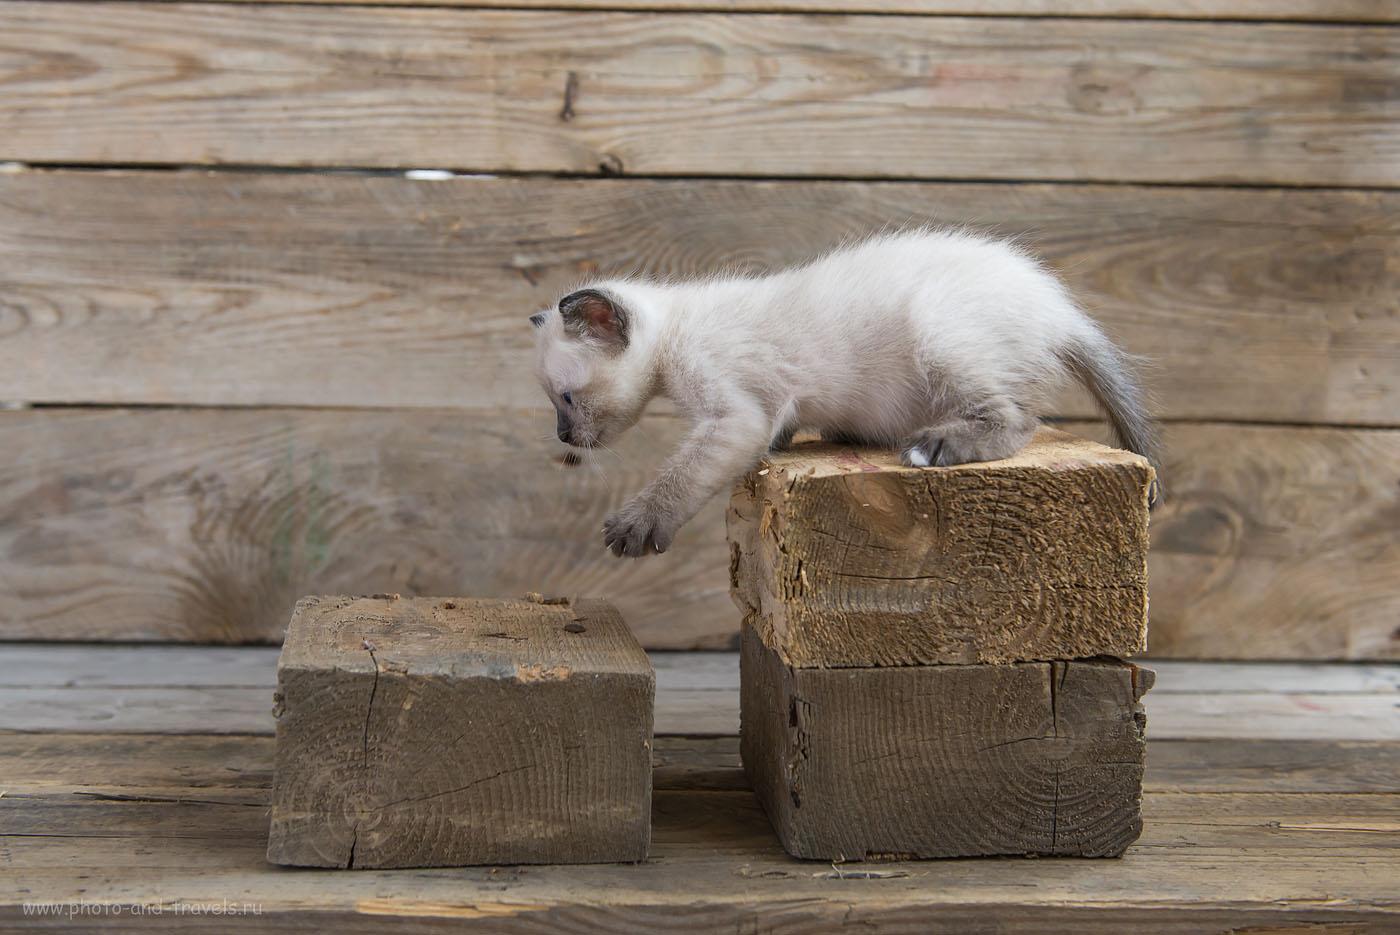 Фотография 14. Топ, топ, топает малыш... Бесплатные уроки для начинающих фотографов. Фотографируем кота в домашней фотостудии при естественном свете от окна (1000, 40, 4.5, 1/200)